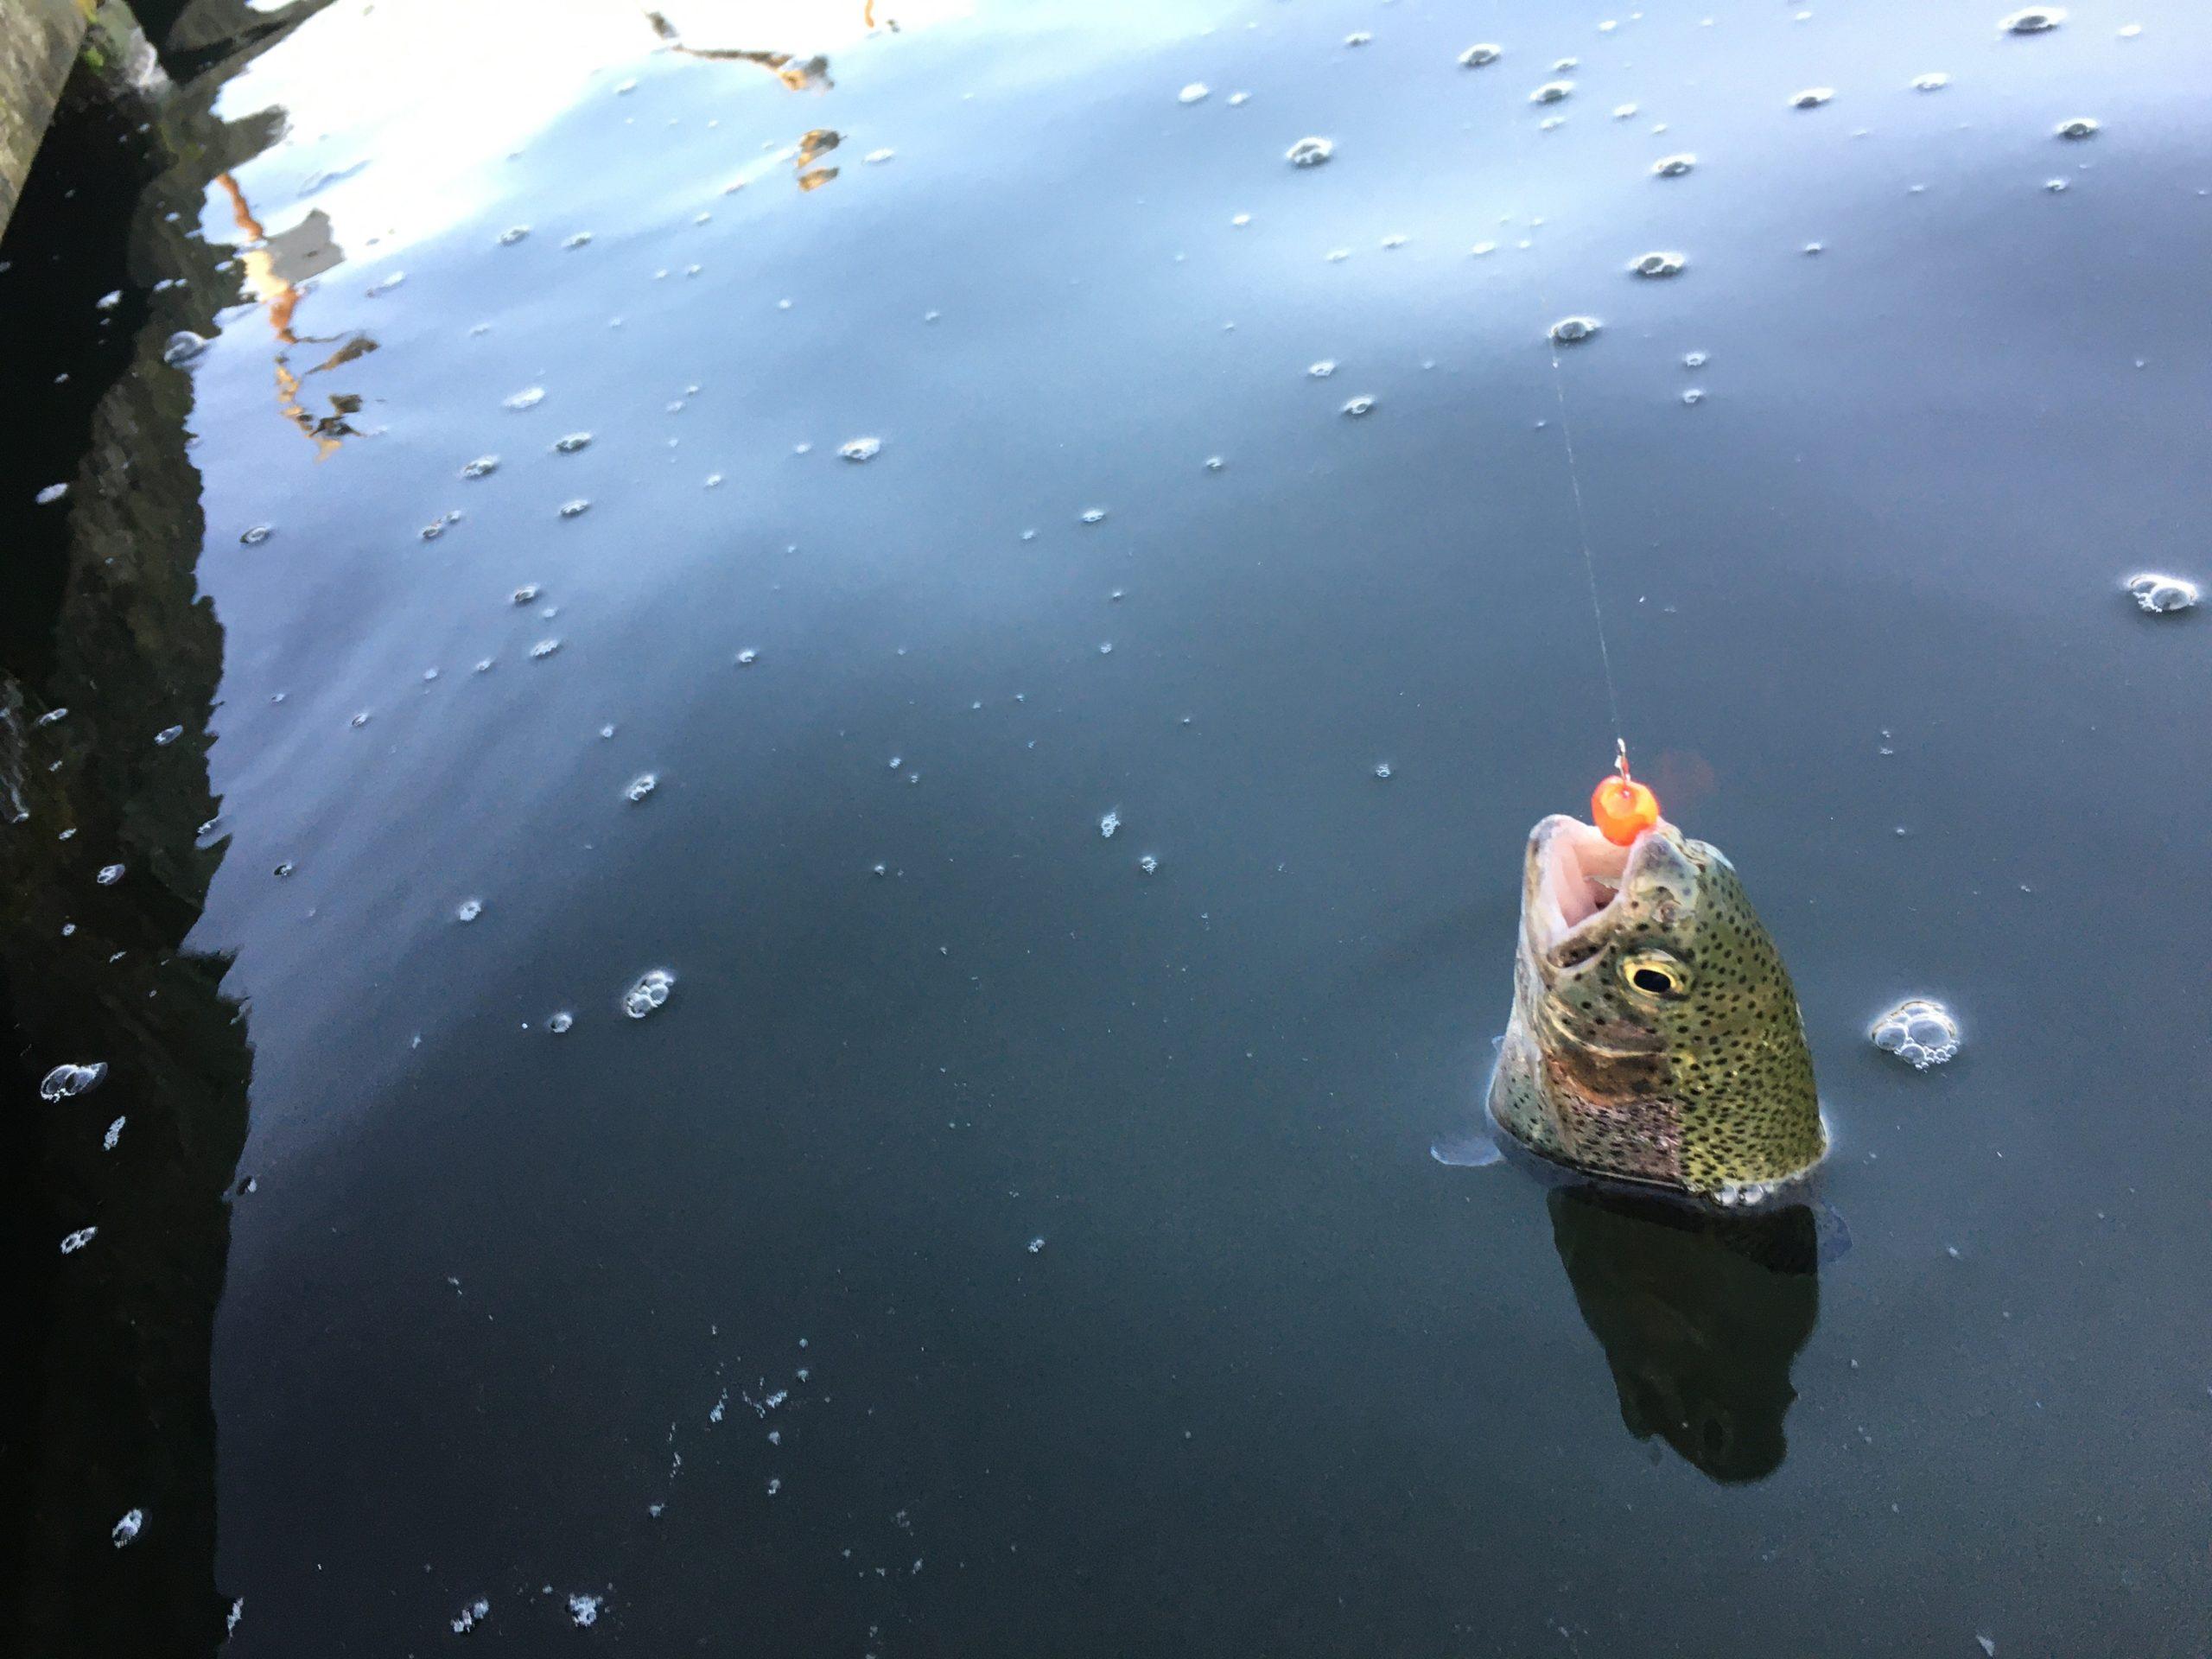 朝霞ガーデン 色物 防寒対策 マニフェス レギュレーション 管釣りマニア 縦釣り ネオスタイル ブング インバイト バチプロ ルビアス バリスティックアーマードF ナイロンライン